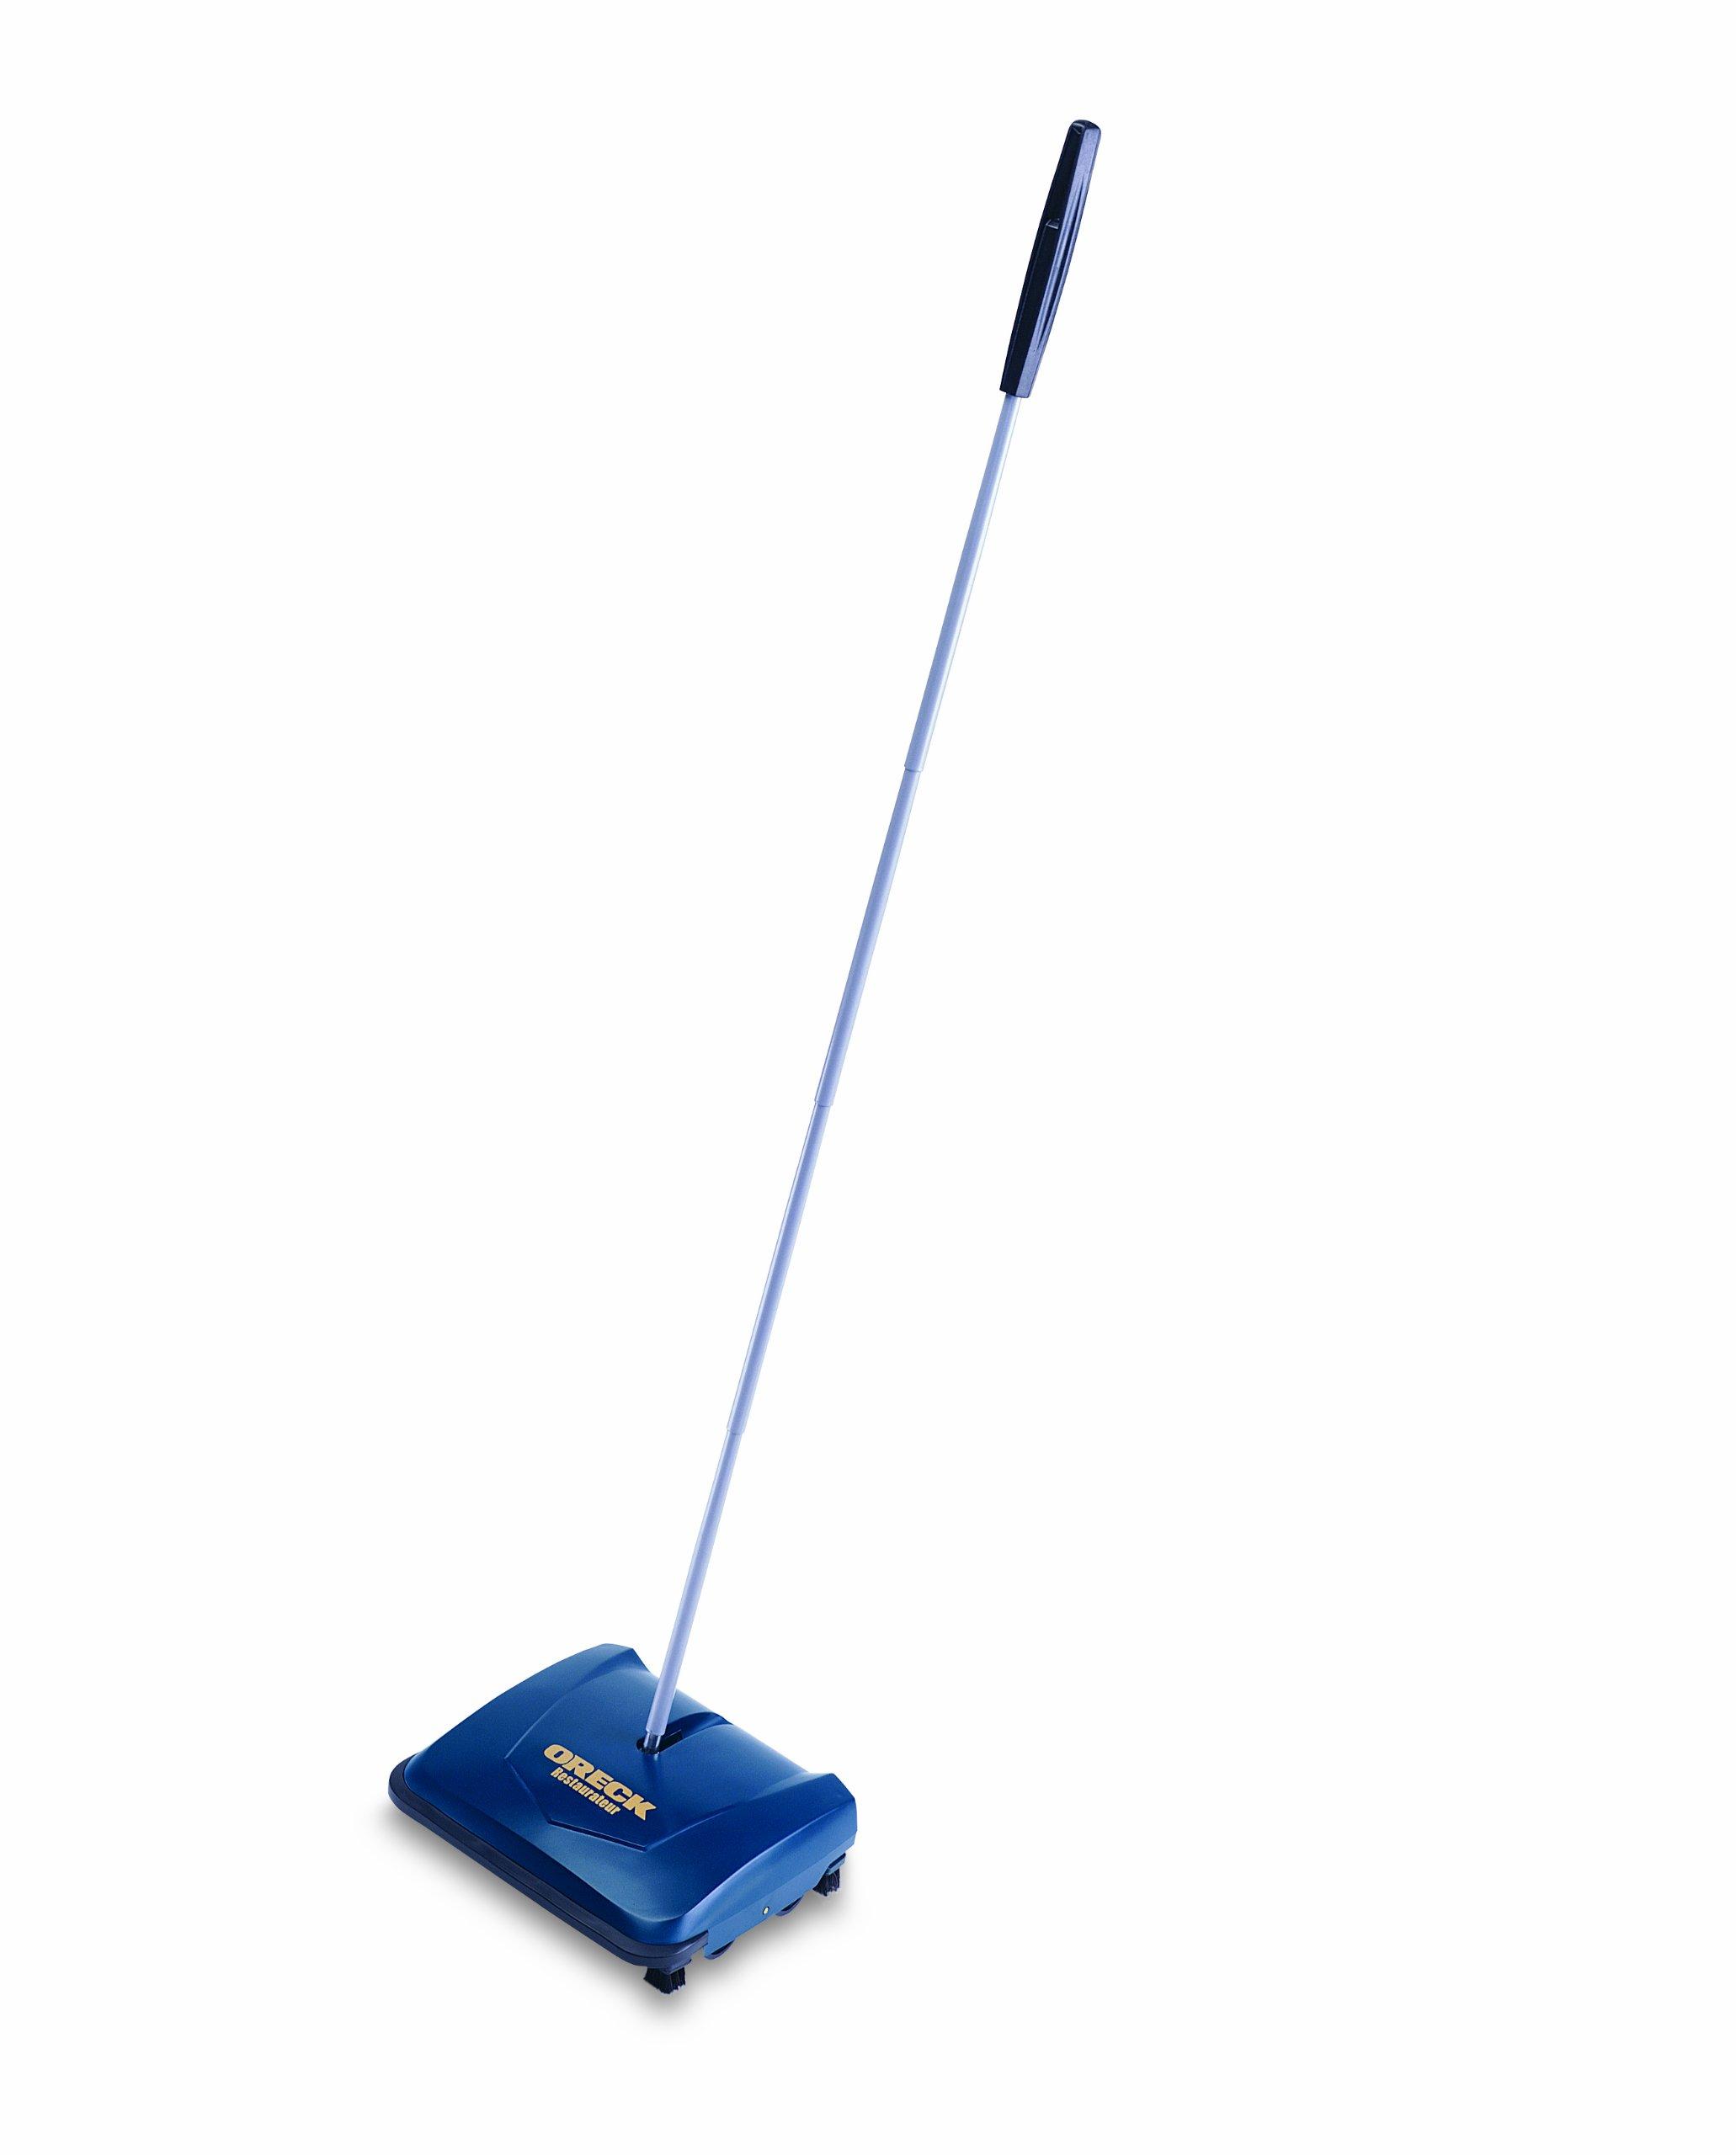 Oreck Restaurateur Floor Sweeper 9.5